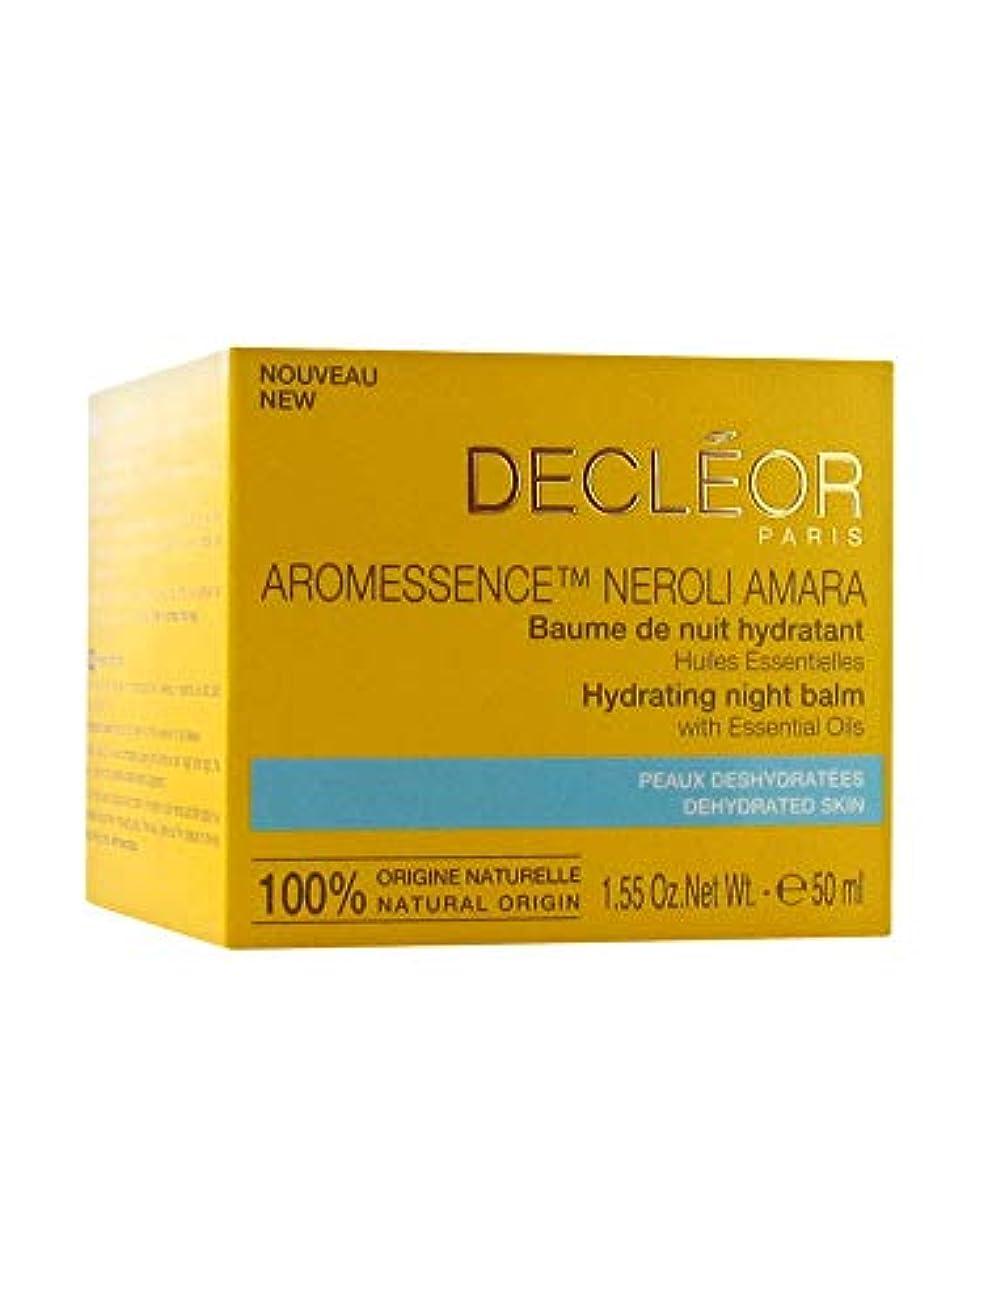 繕う自動車ユーモラスデクレオール Aromessence Neroli Amara Hydrating Night Balm - For Dehydrated Skin 50ml/1.55oz並行輸入品